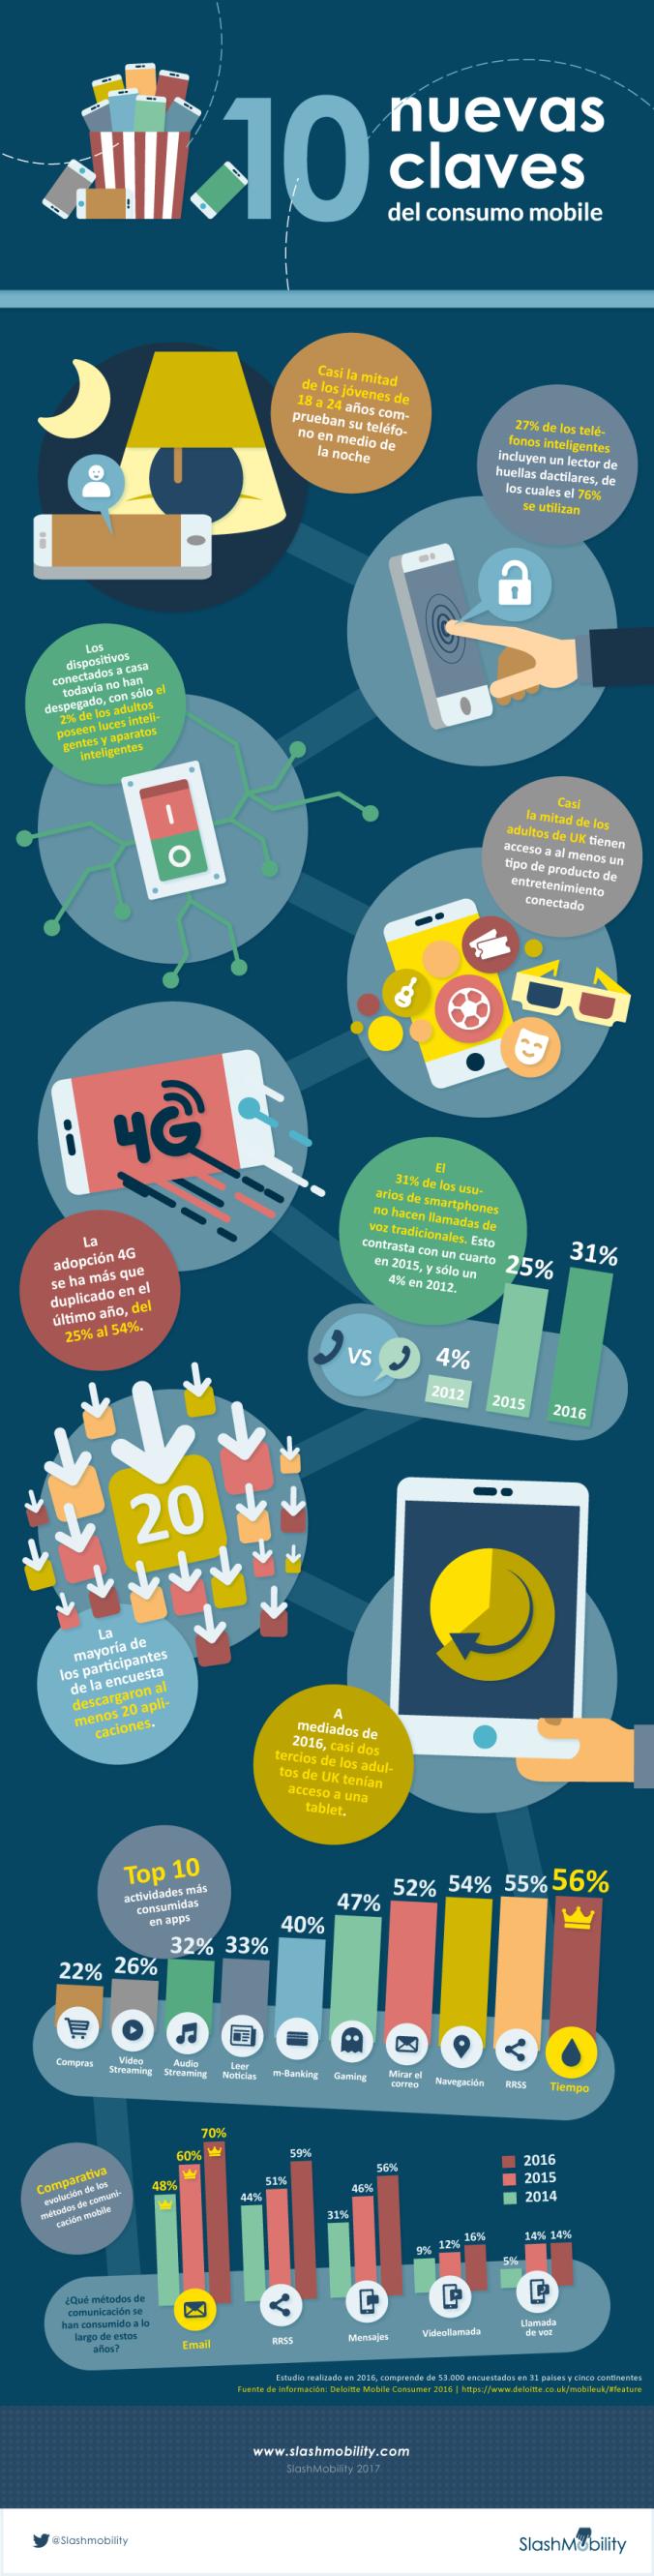 10 nuevas claves del consumo mobile